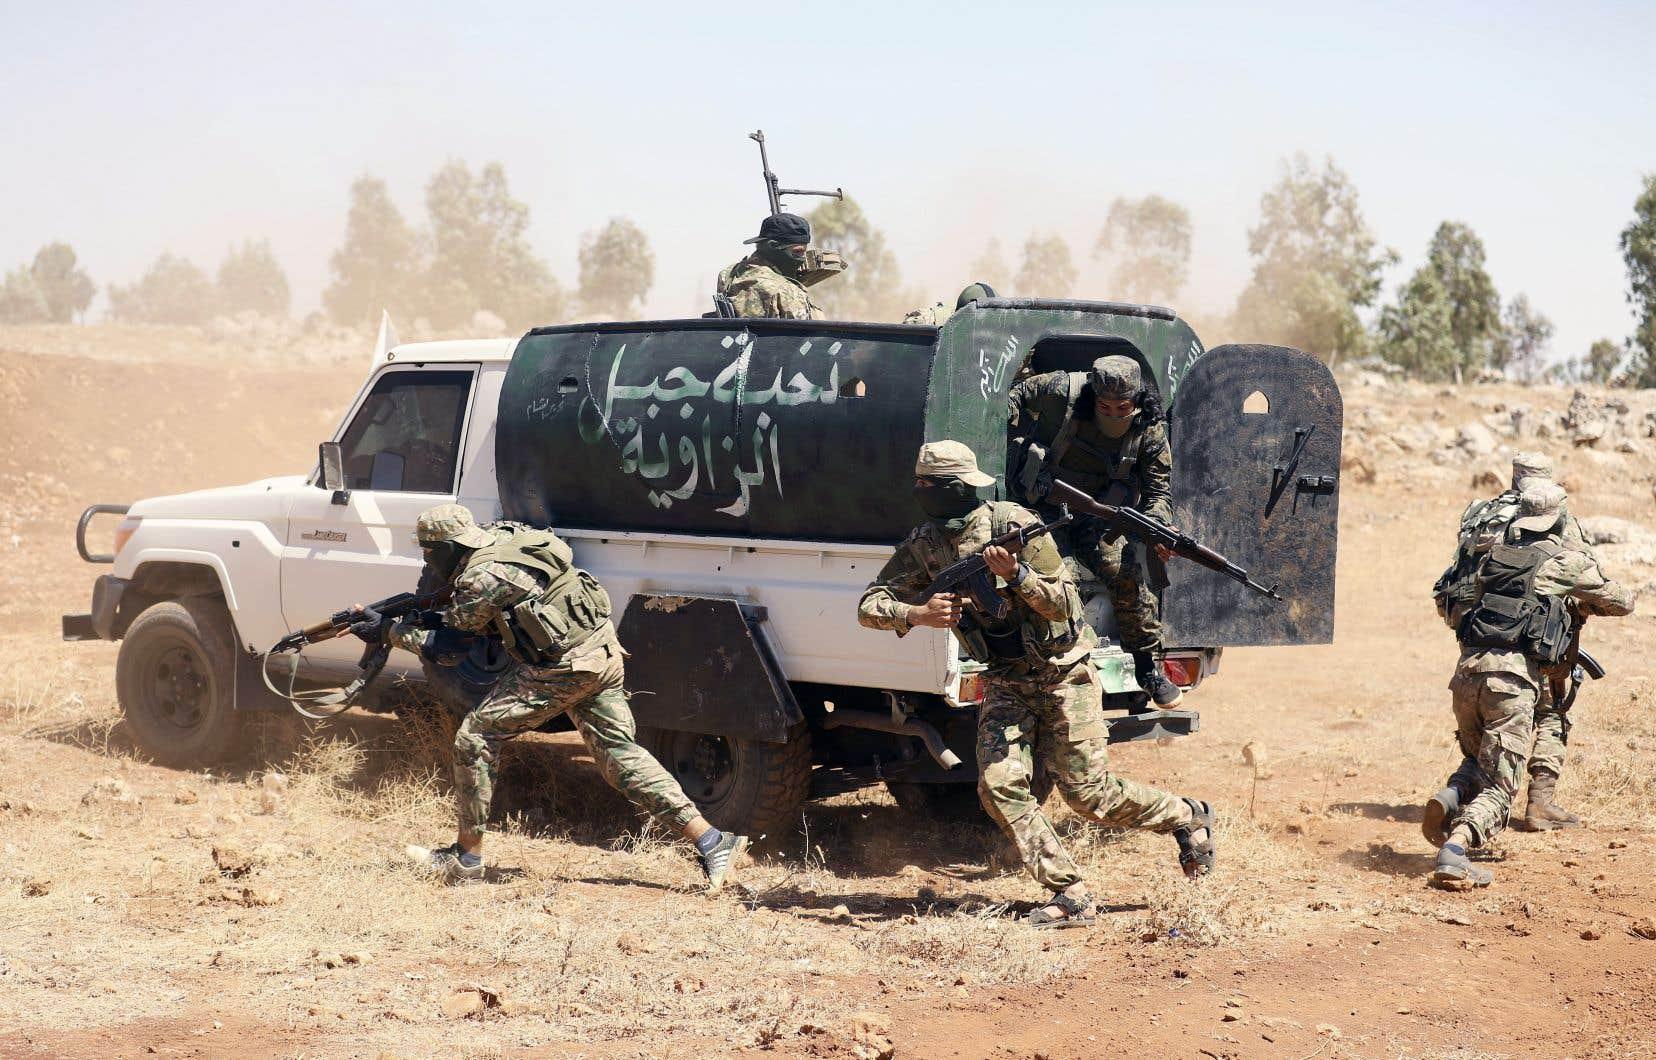 Des combattants du groupe Hayat Tahrir al-Sham s'entraînent avant d'affronter les forces du régime, dans la province d'Idlib, le 14 août.